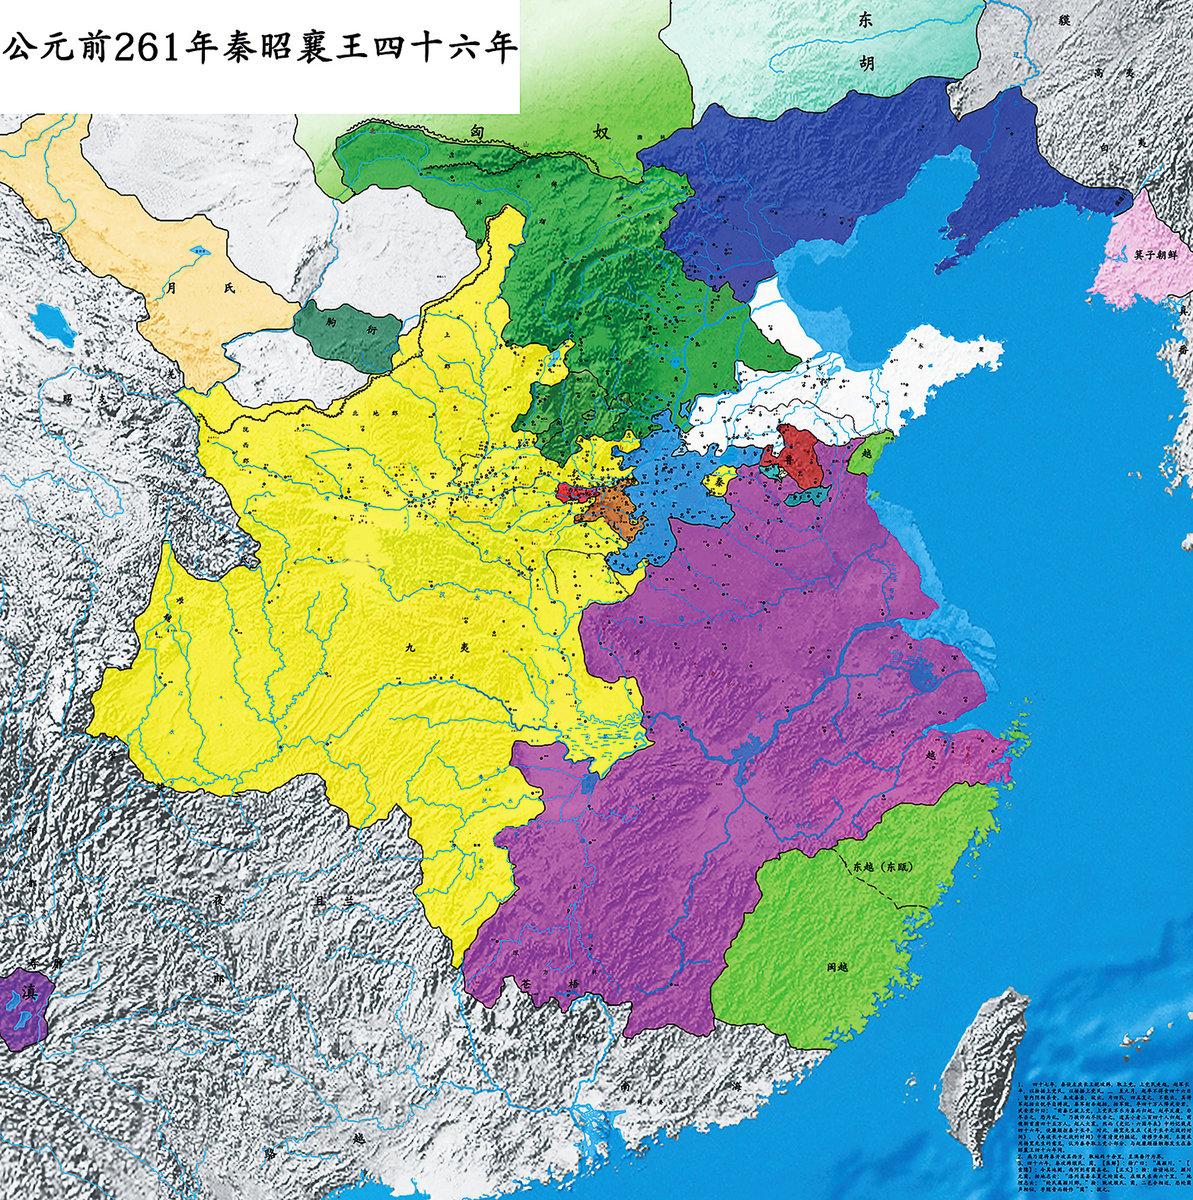 公元前260年左右「戰國七雄」分佈圖。(Siyuwj  _ 維基百科)